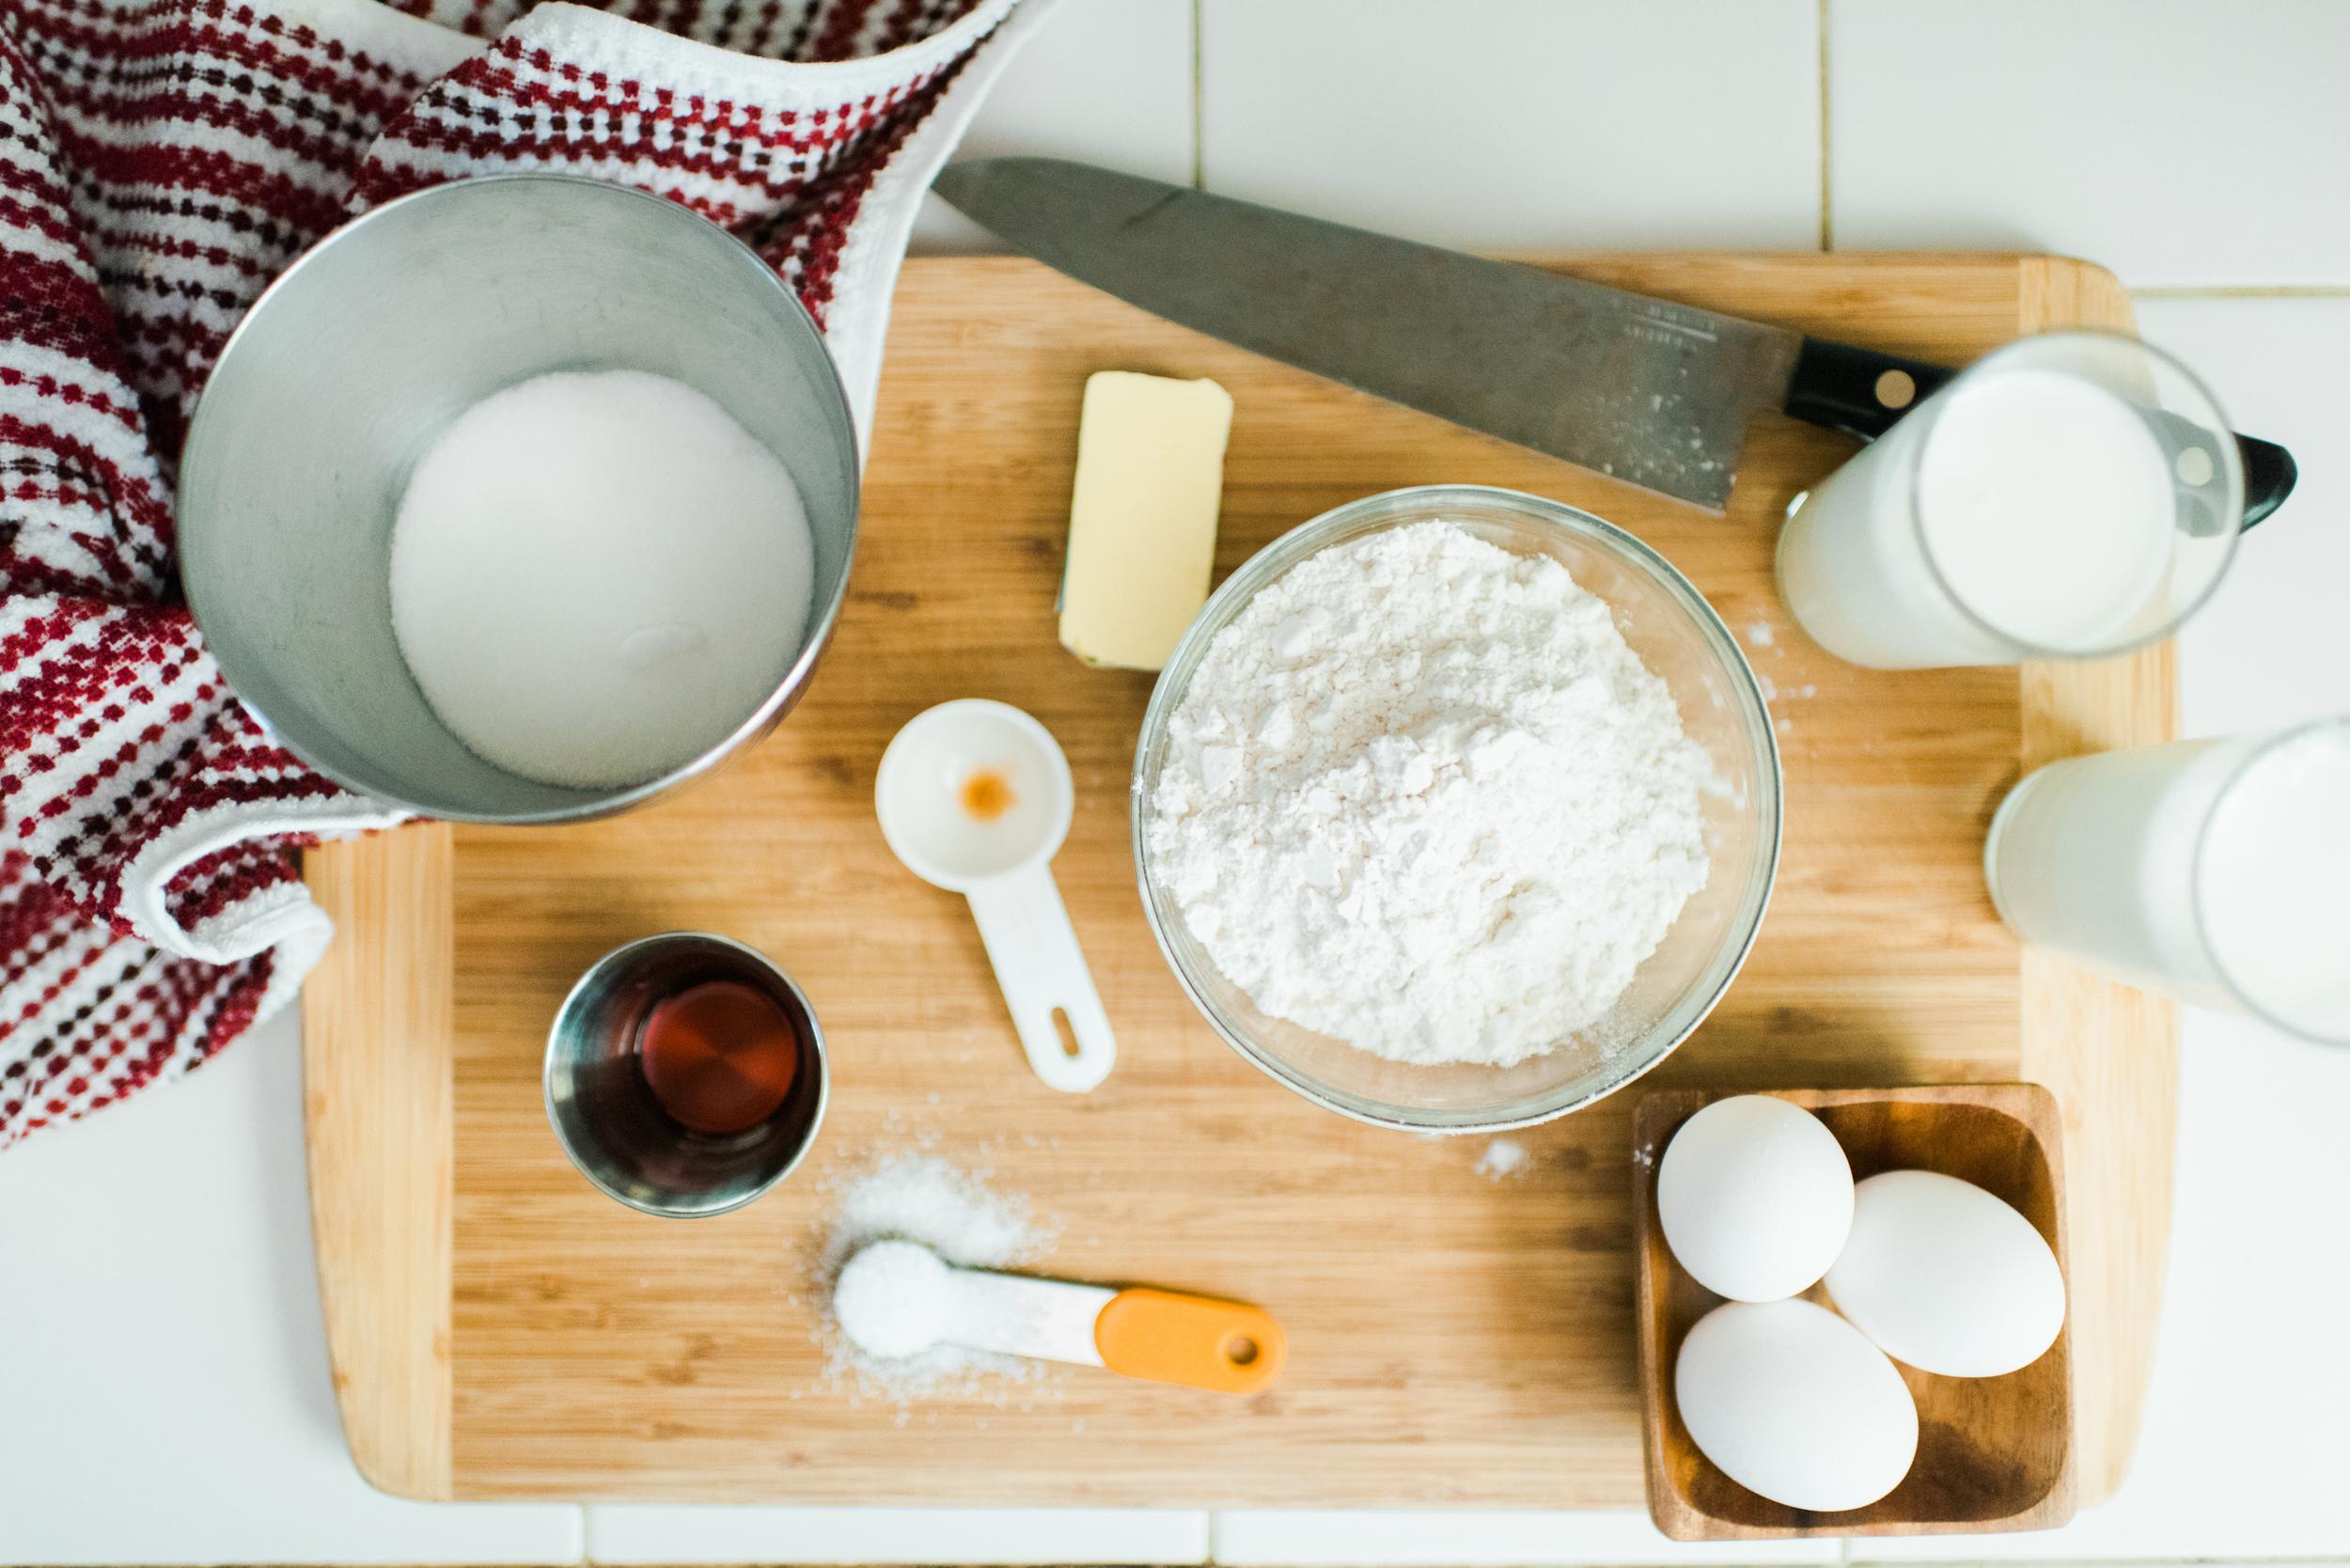 the-best-homemade-crepe-recipe-the-spice-girl-blog (5 of 36).jpg